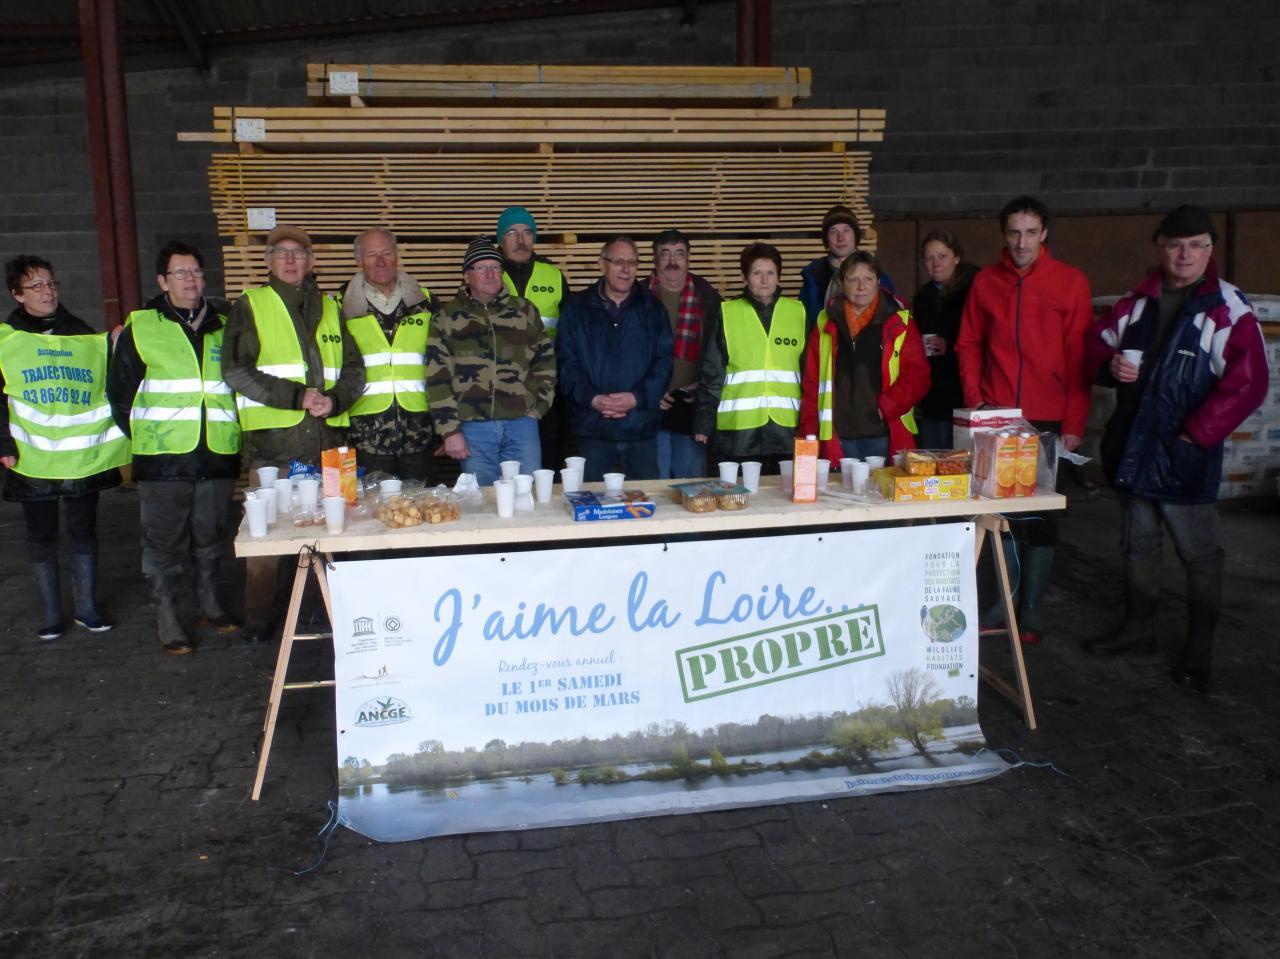 """""""J'aime la Loire propre"""" à Cosne Cours sur Loire, mars 2016"""